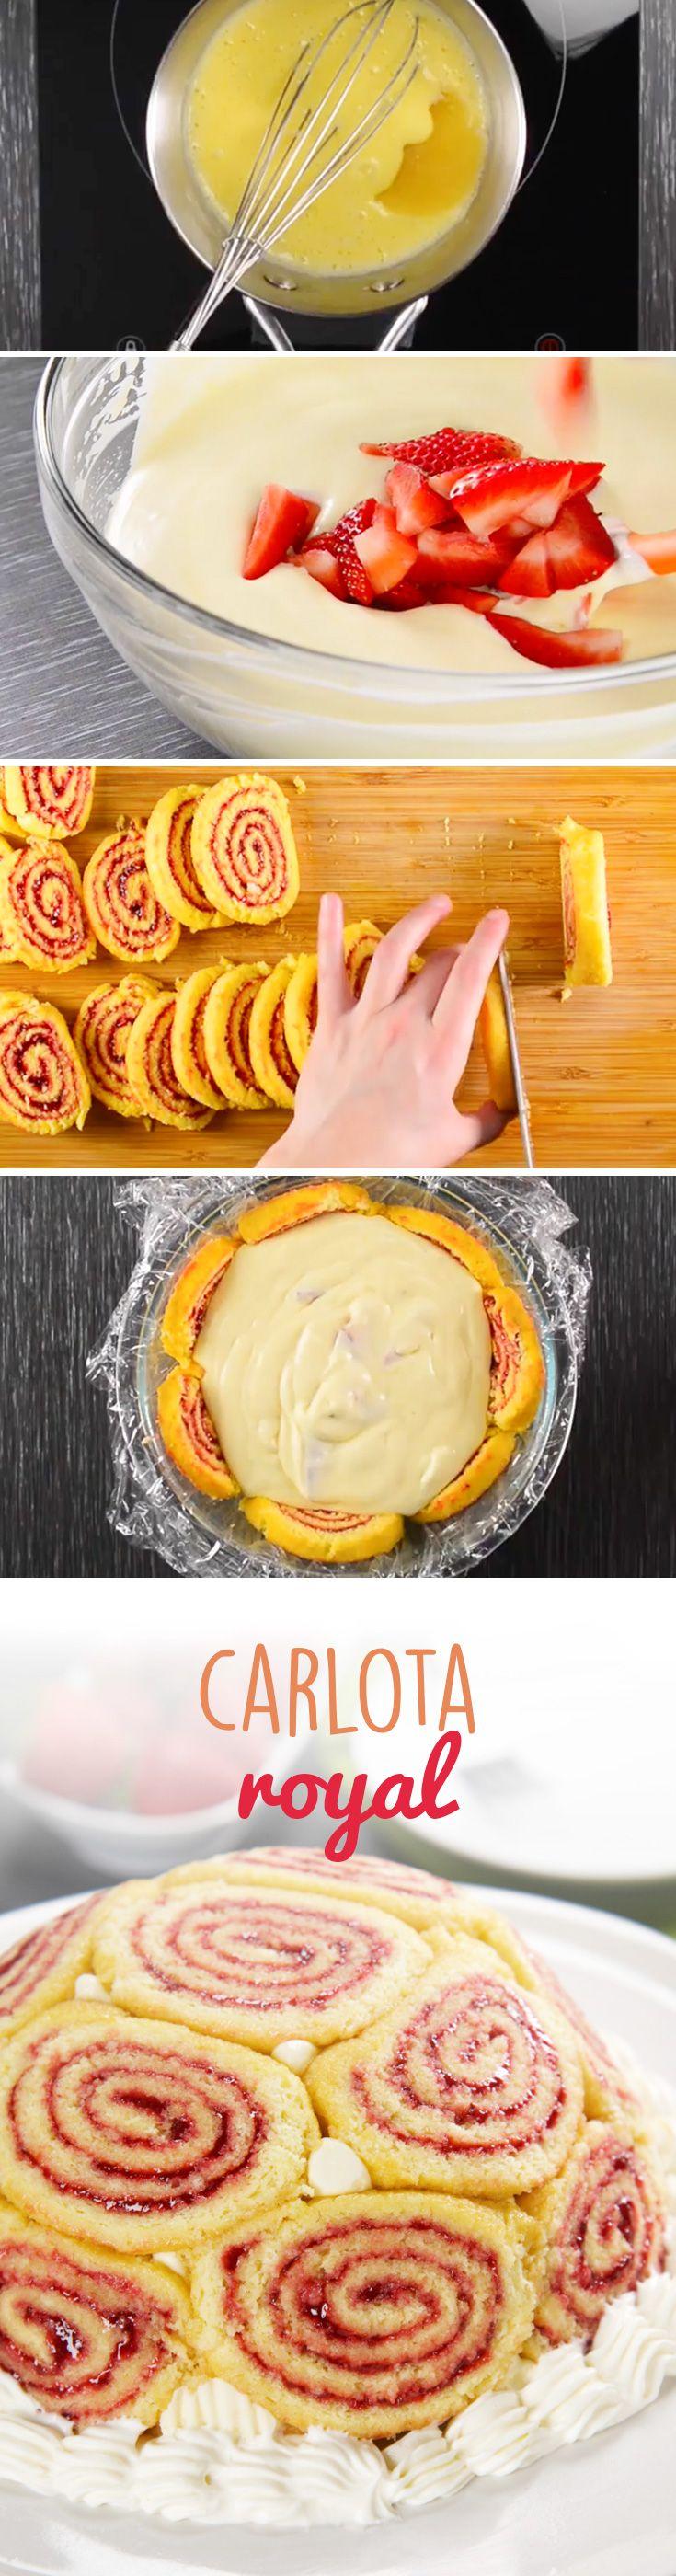 Carlota Royal de fresas con crema. Un pastel muy creativo y llamativo que enamora a cualquiera. Sigue este paso a paso para hacer este postre para #sanvalentin